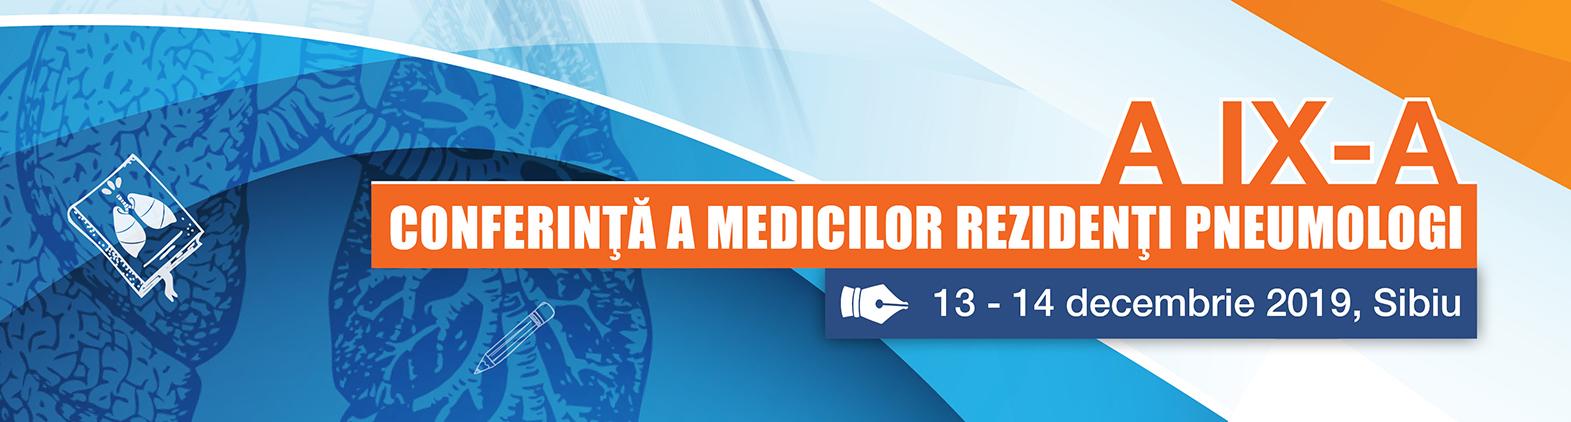 conferinta-medicilor-rezidenti-pneumologi-2019